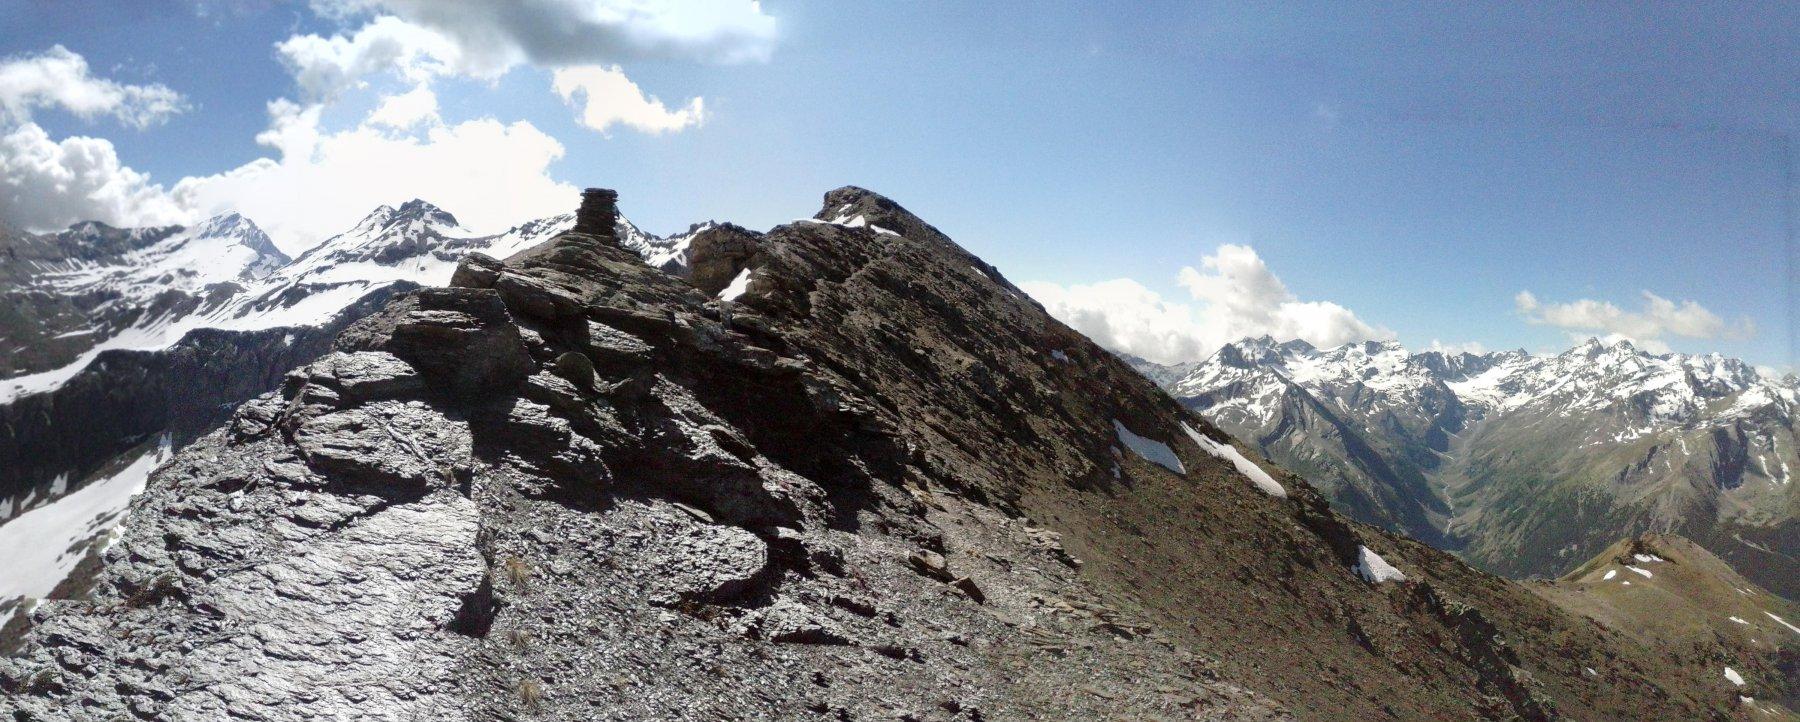 sulla cresta  vicino alla vetta... l'altro versante è esente da neve...